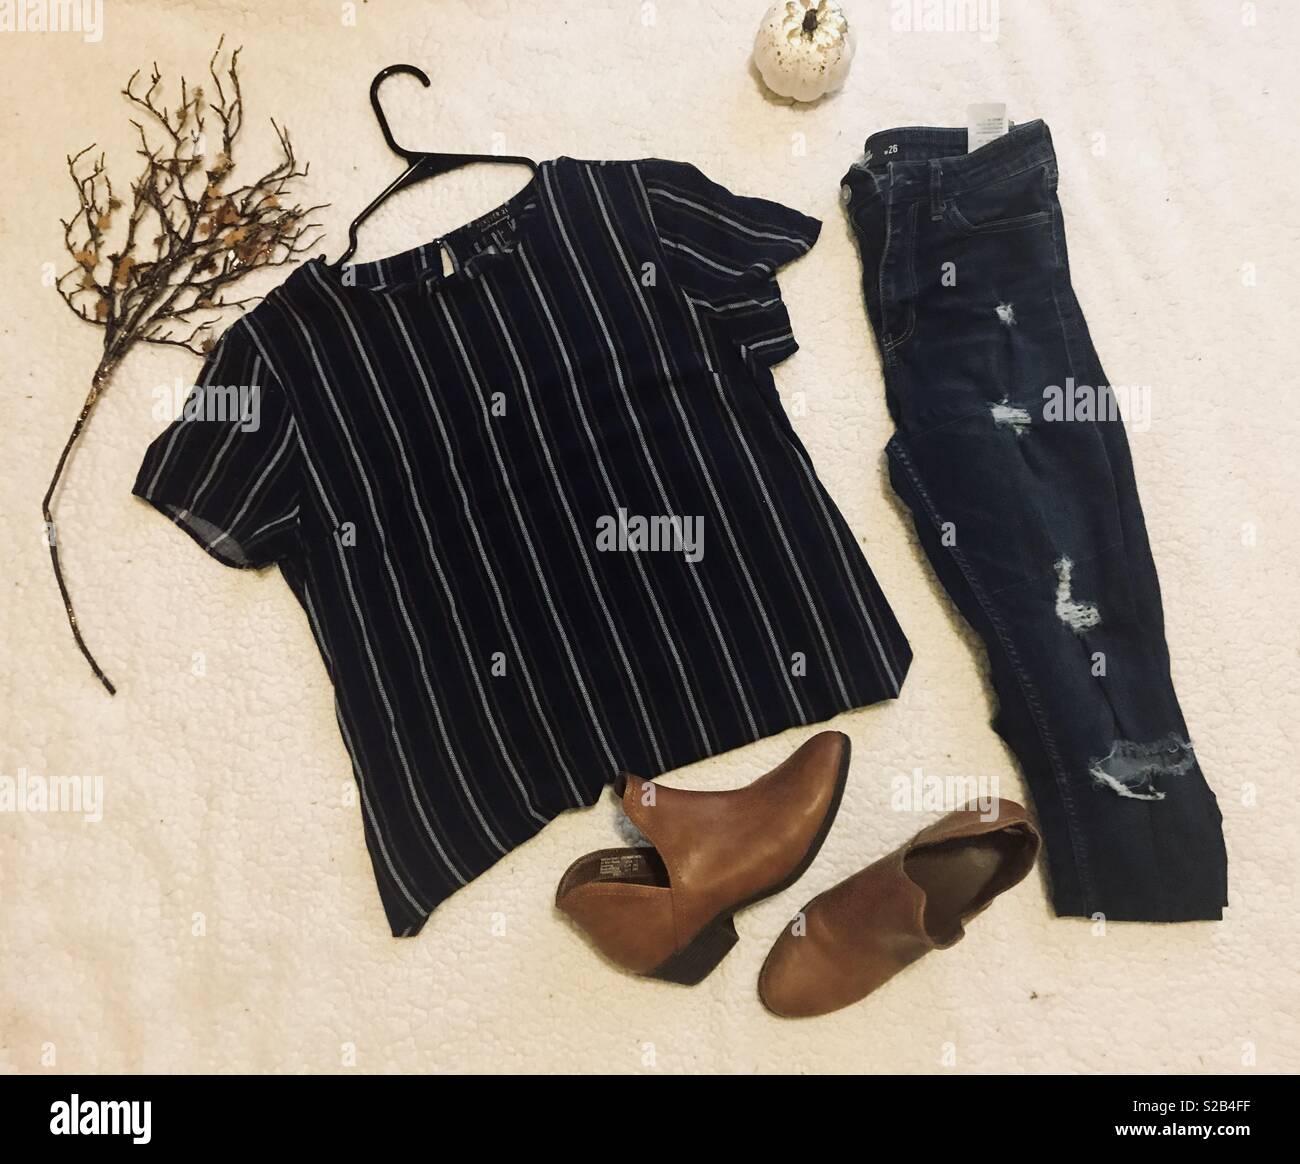 Epoca Otonal Caida De La Moda Para La Mujer Lavado Oscuro Pantalones Vaqueros Rasgados Azul Marino